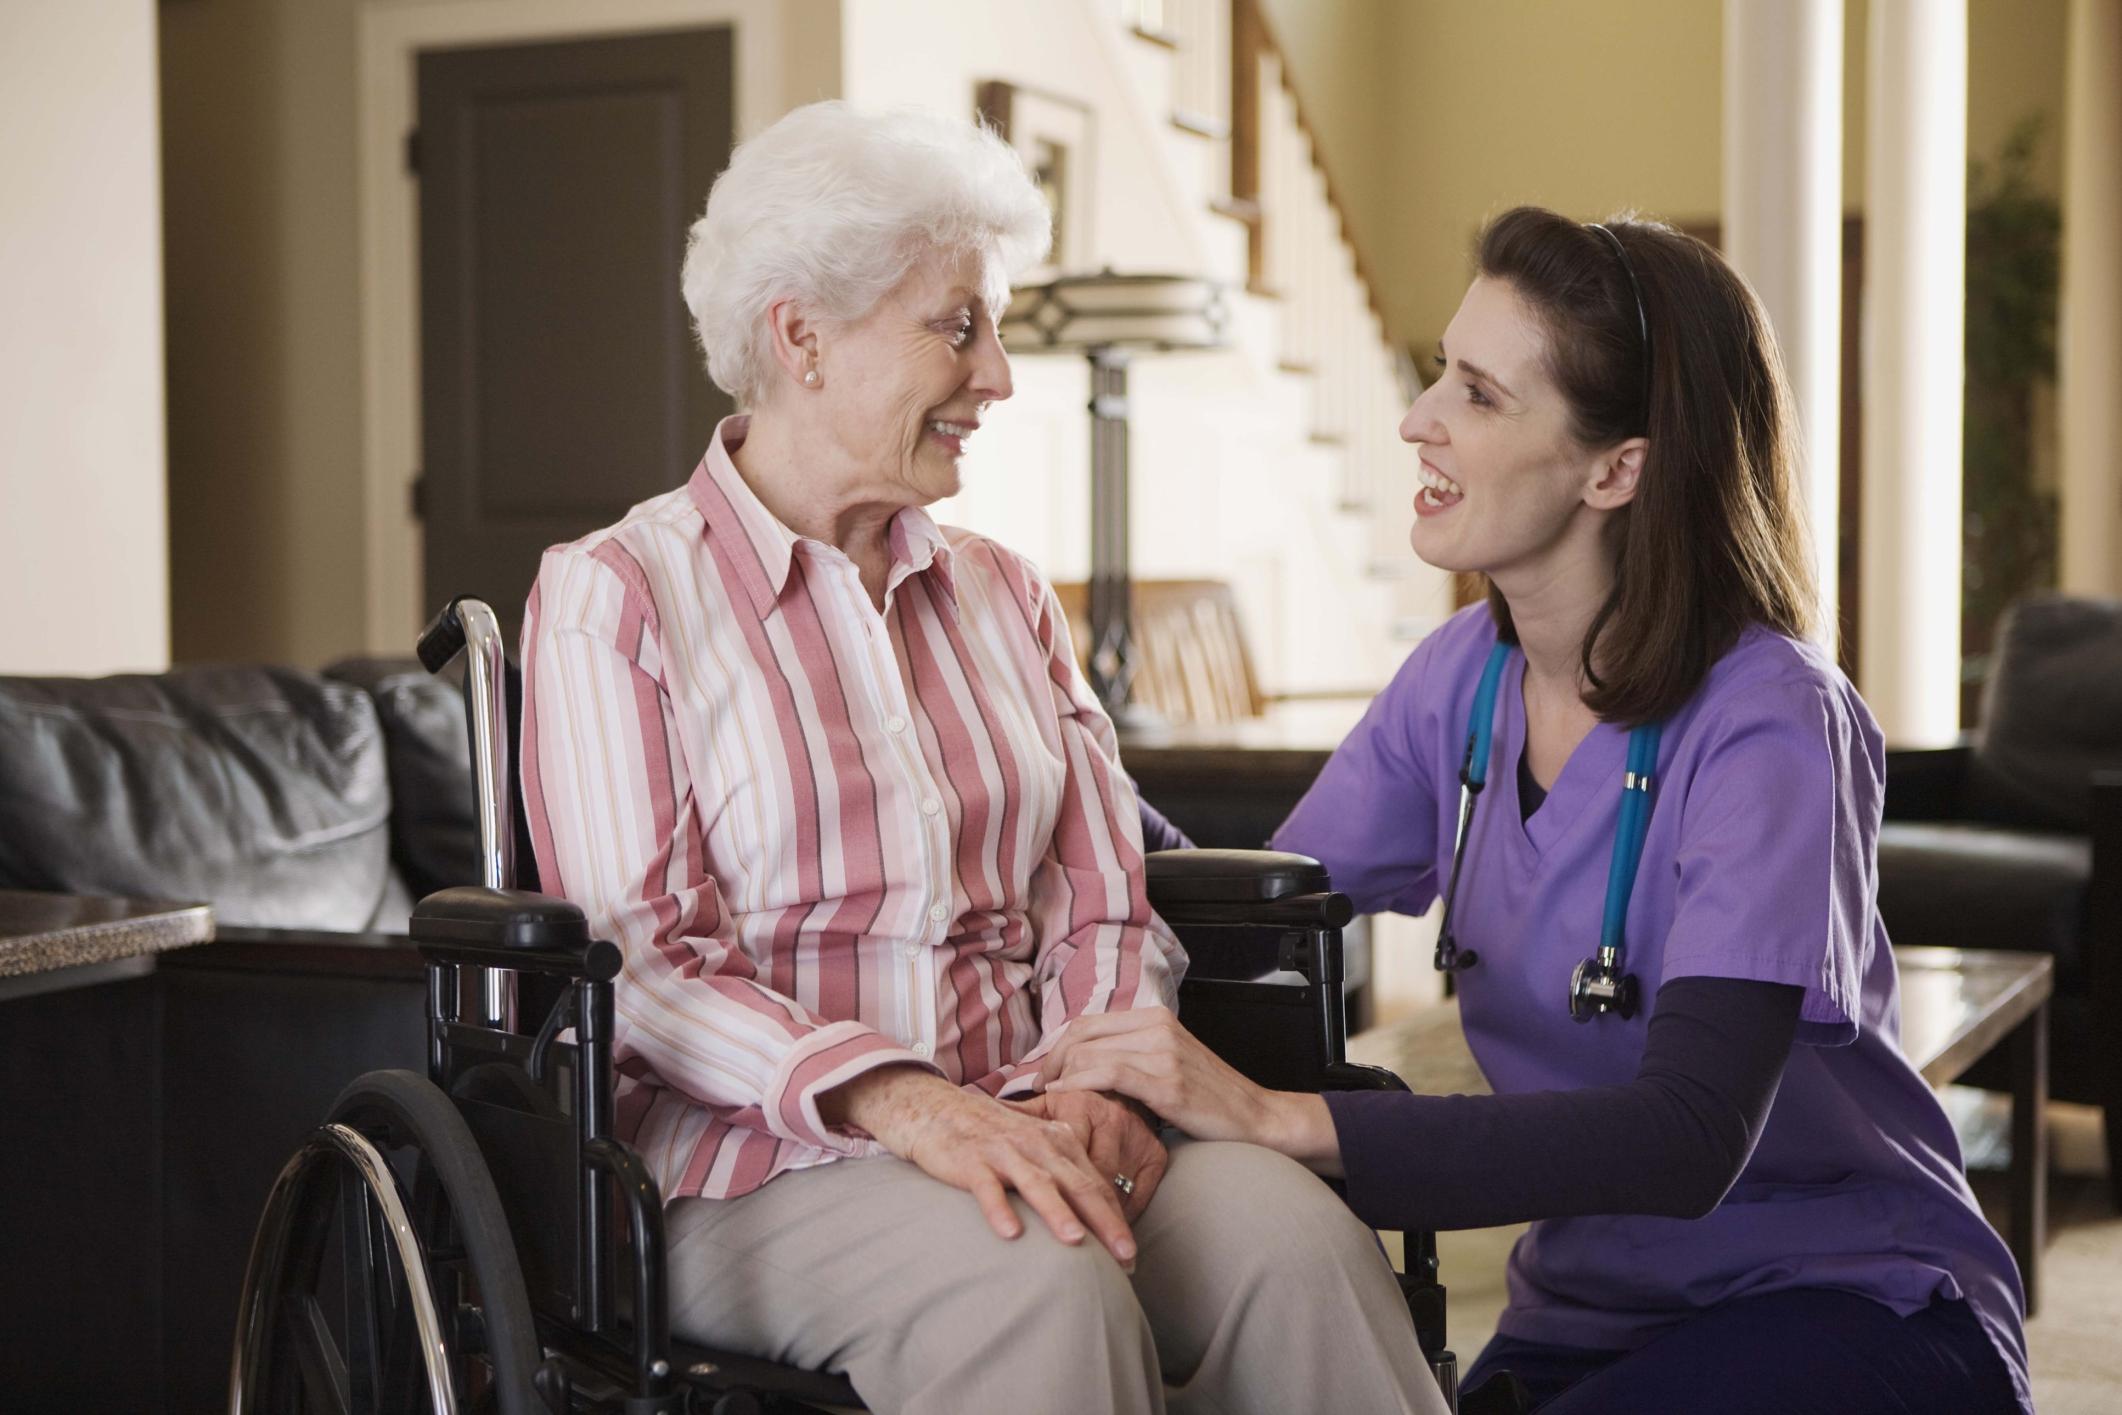 Seniors Prefer Live-in Care